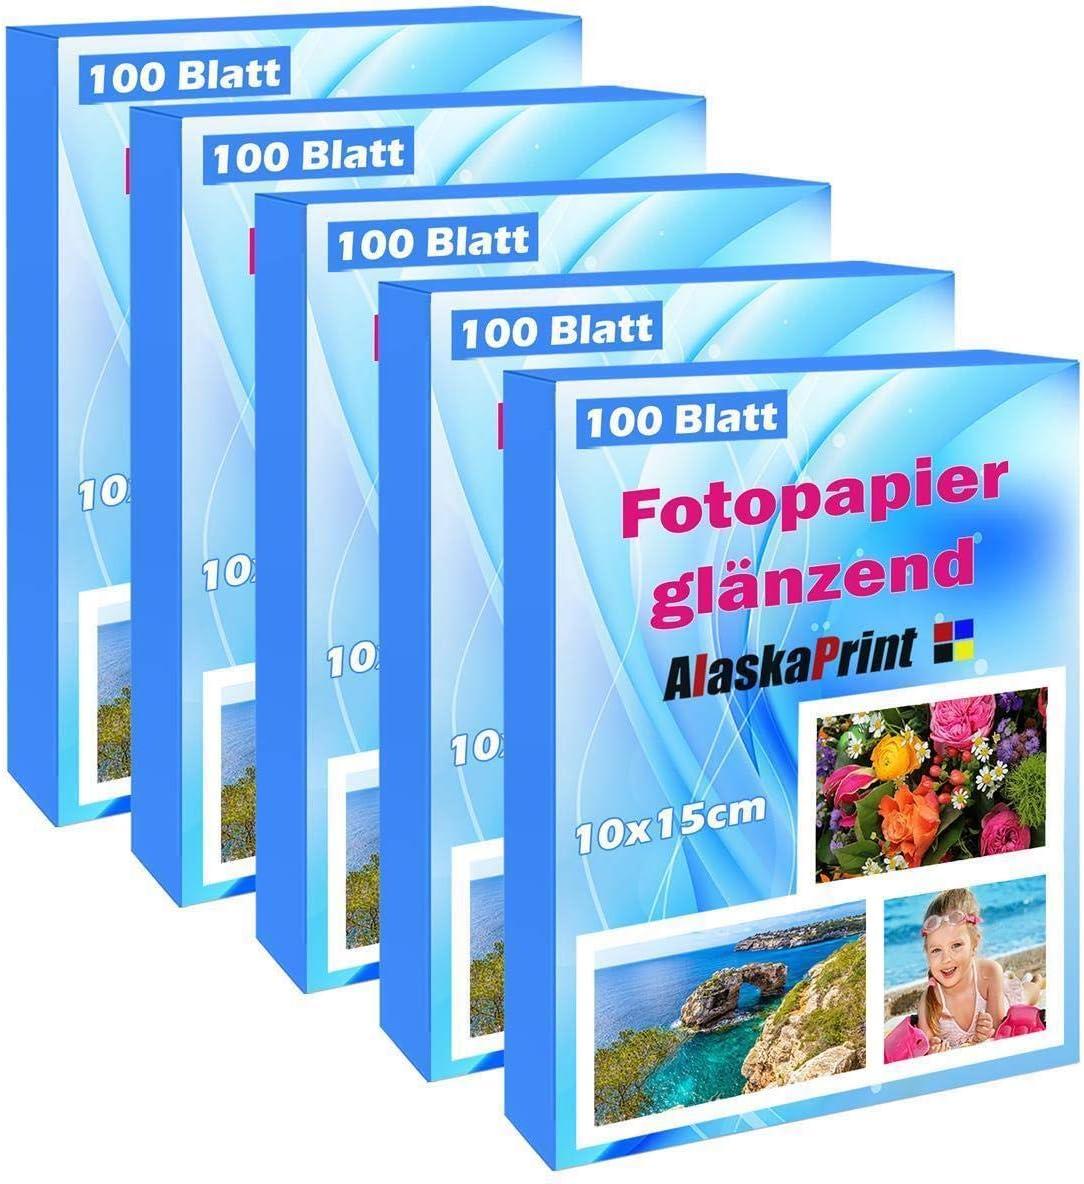 ALASKAPRINT papel fotográfico brillante (10 x 15 cm) (500 hojas) (240 g/m²) Tarjetas fotográficas Secado instantáneo Impermeable Blanco: Amazon.es: Oficina y papelería